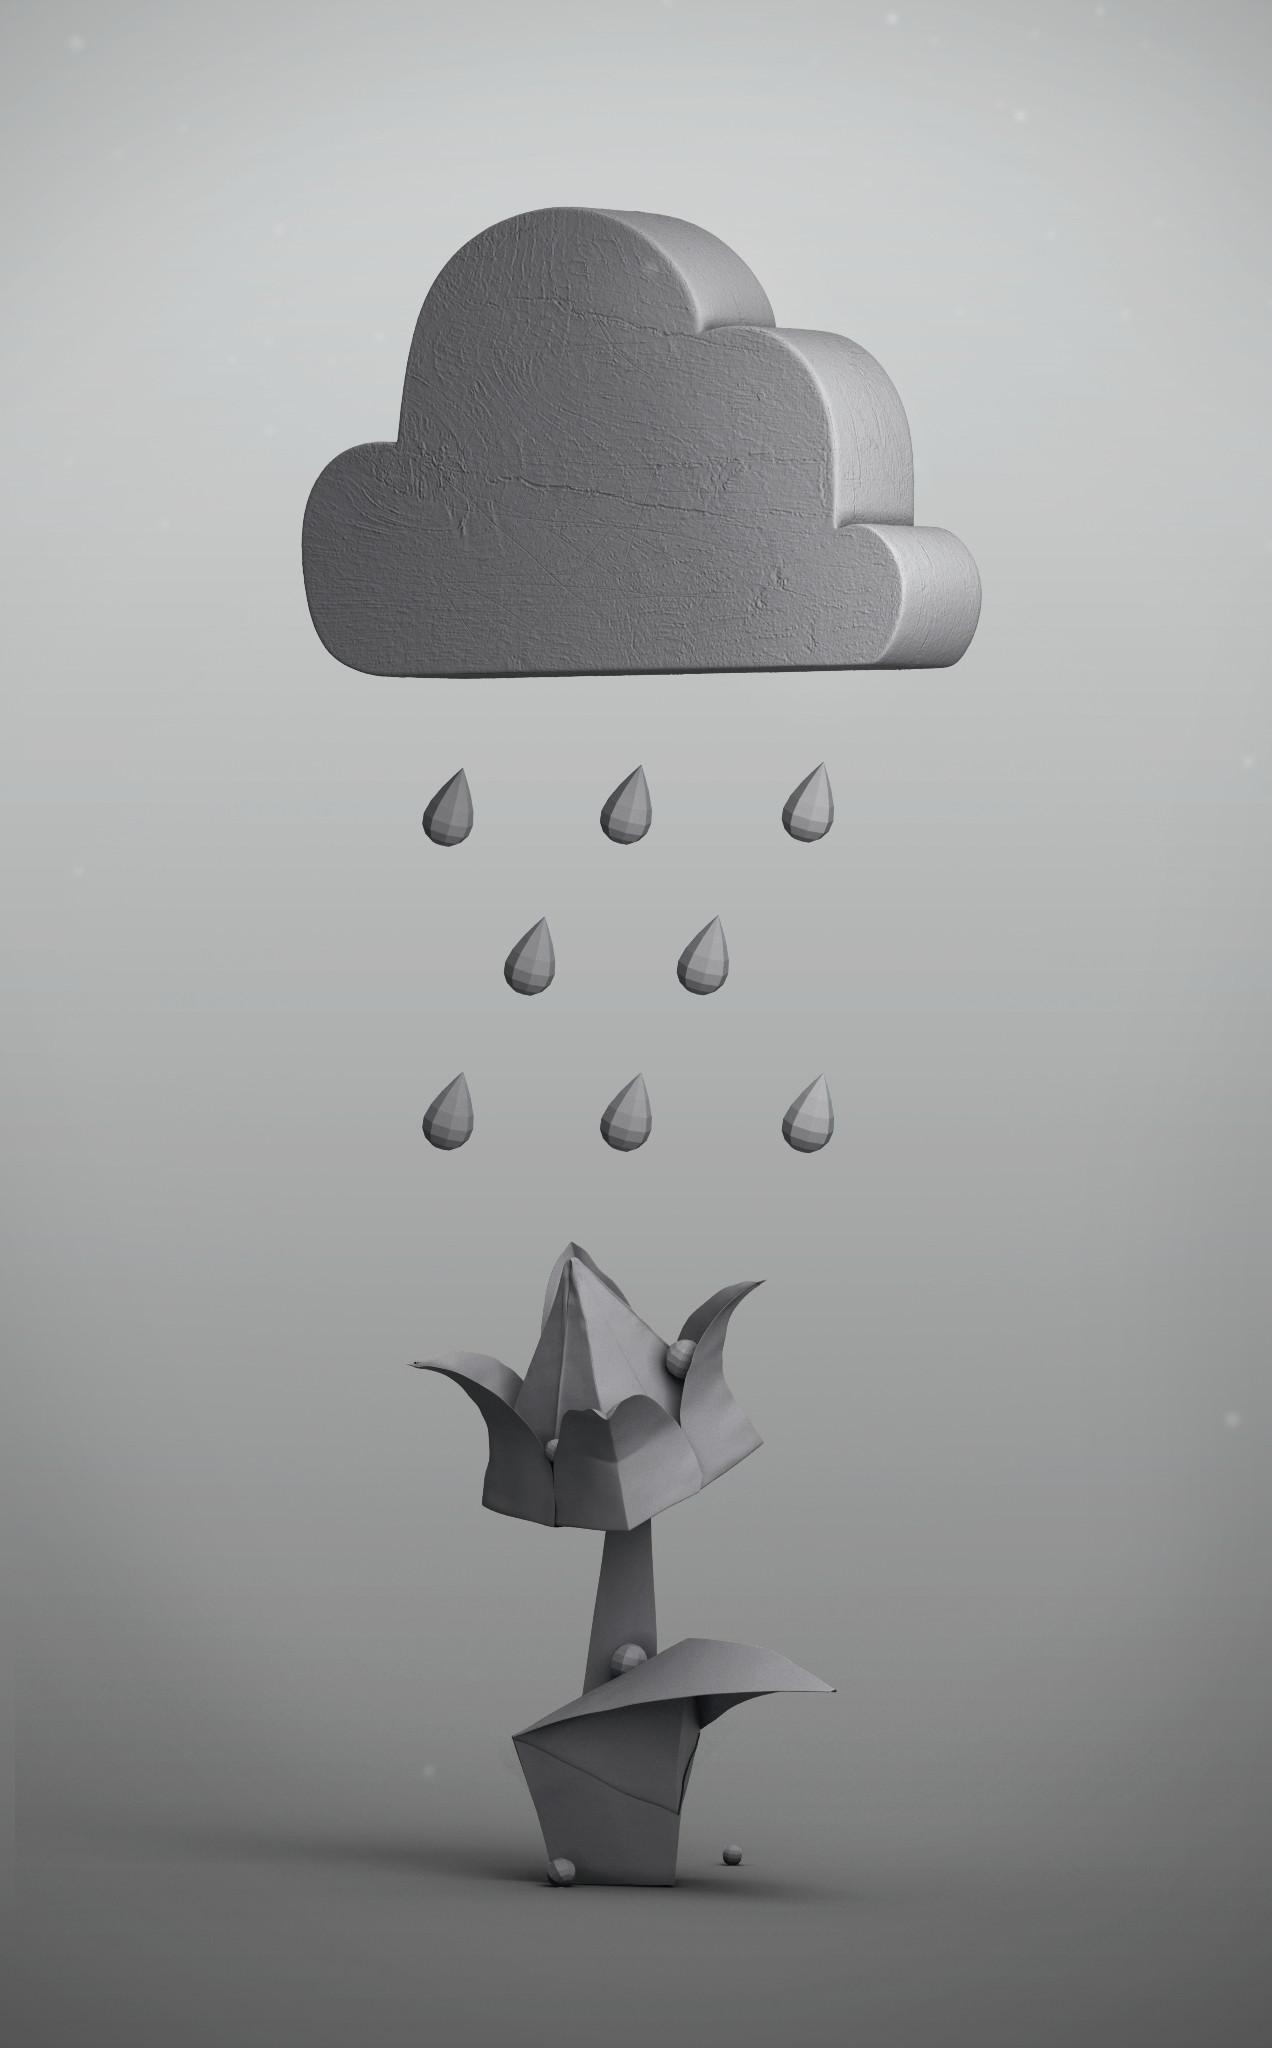 Silvia cortellino cloud model